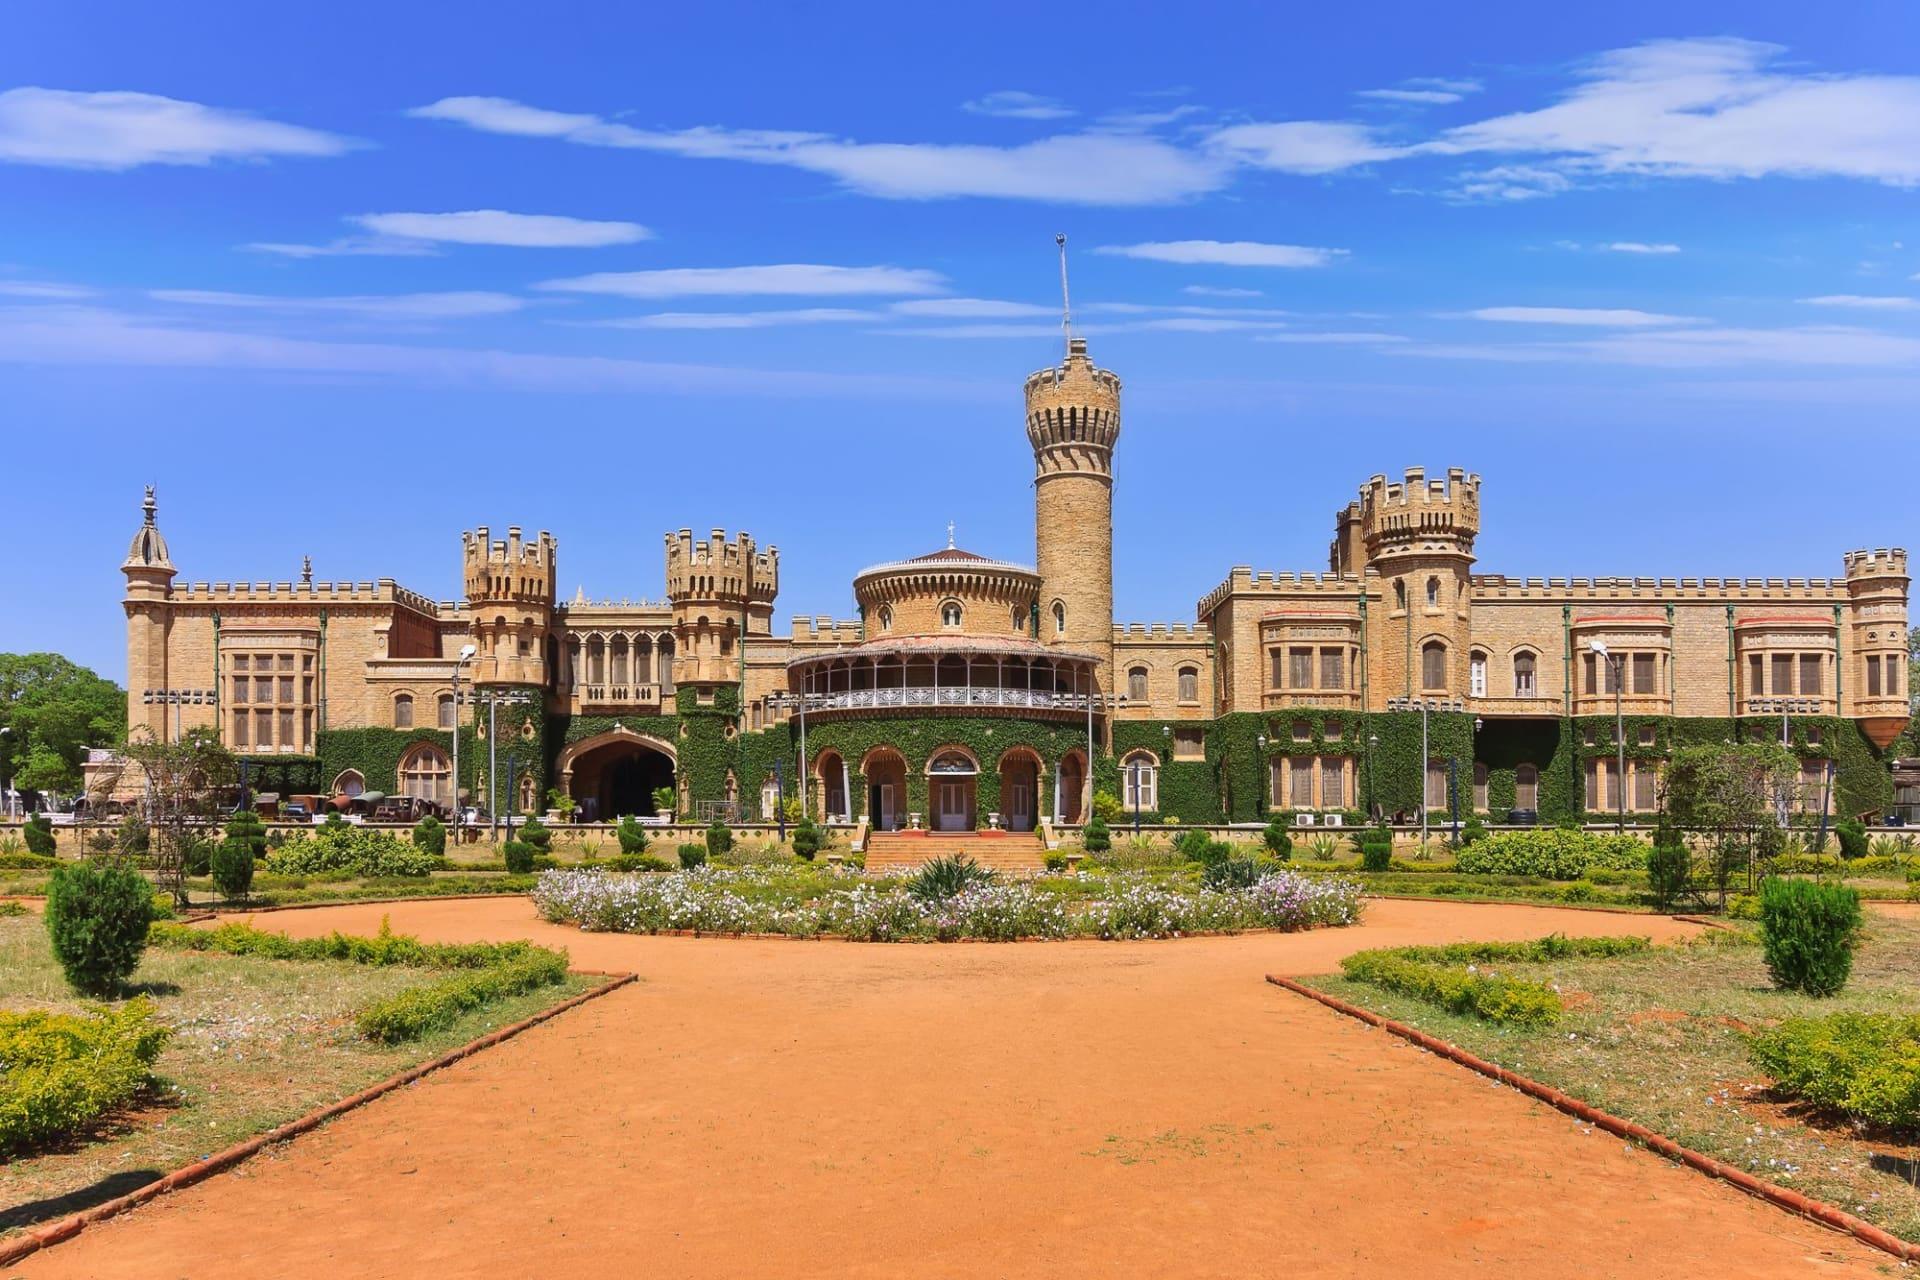 Bangalore: Palace